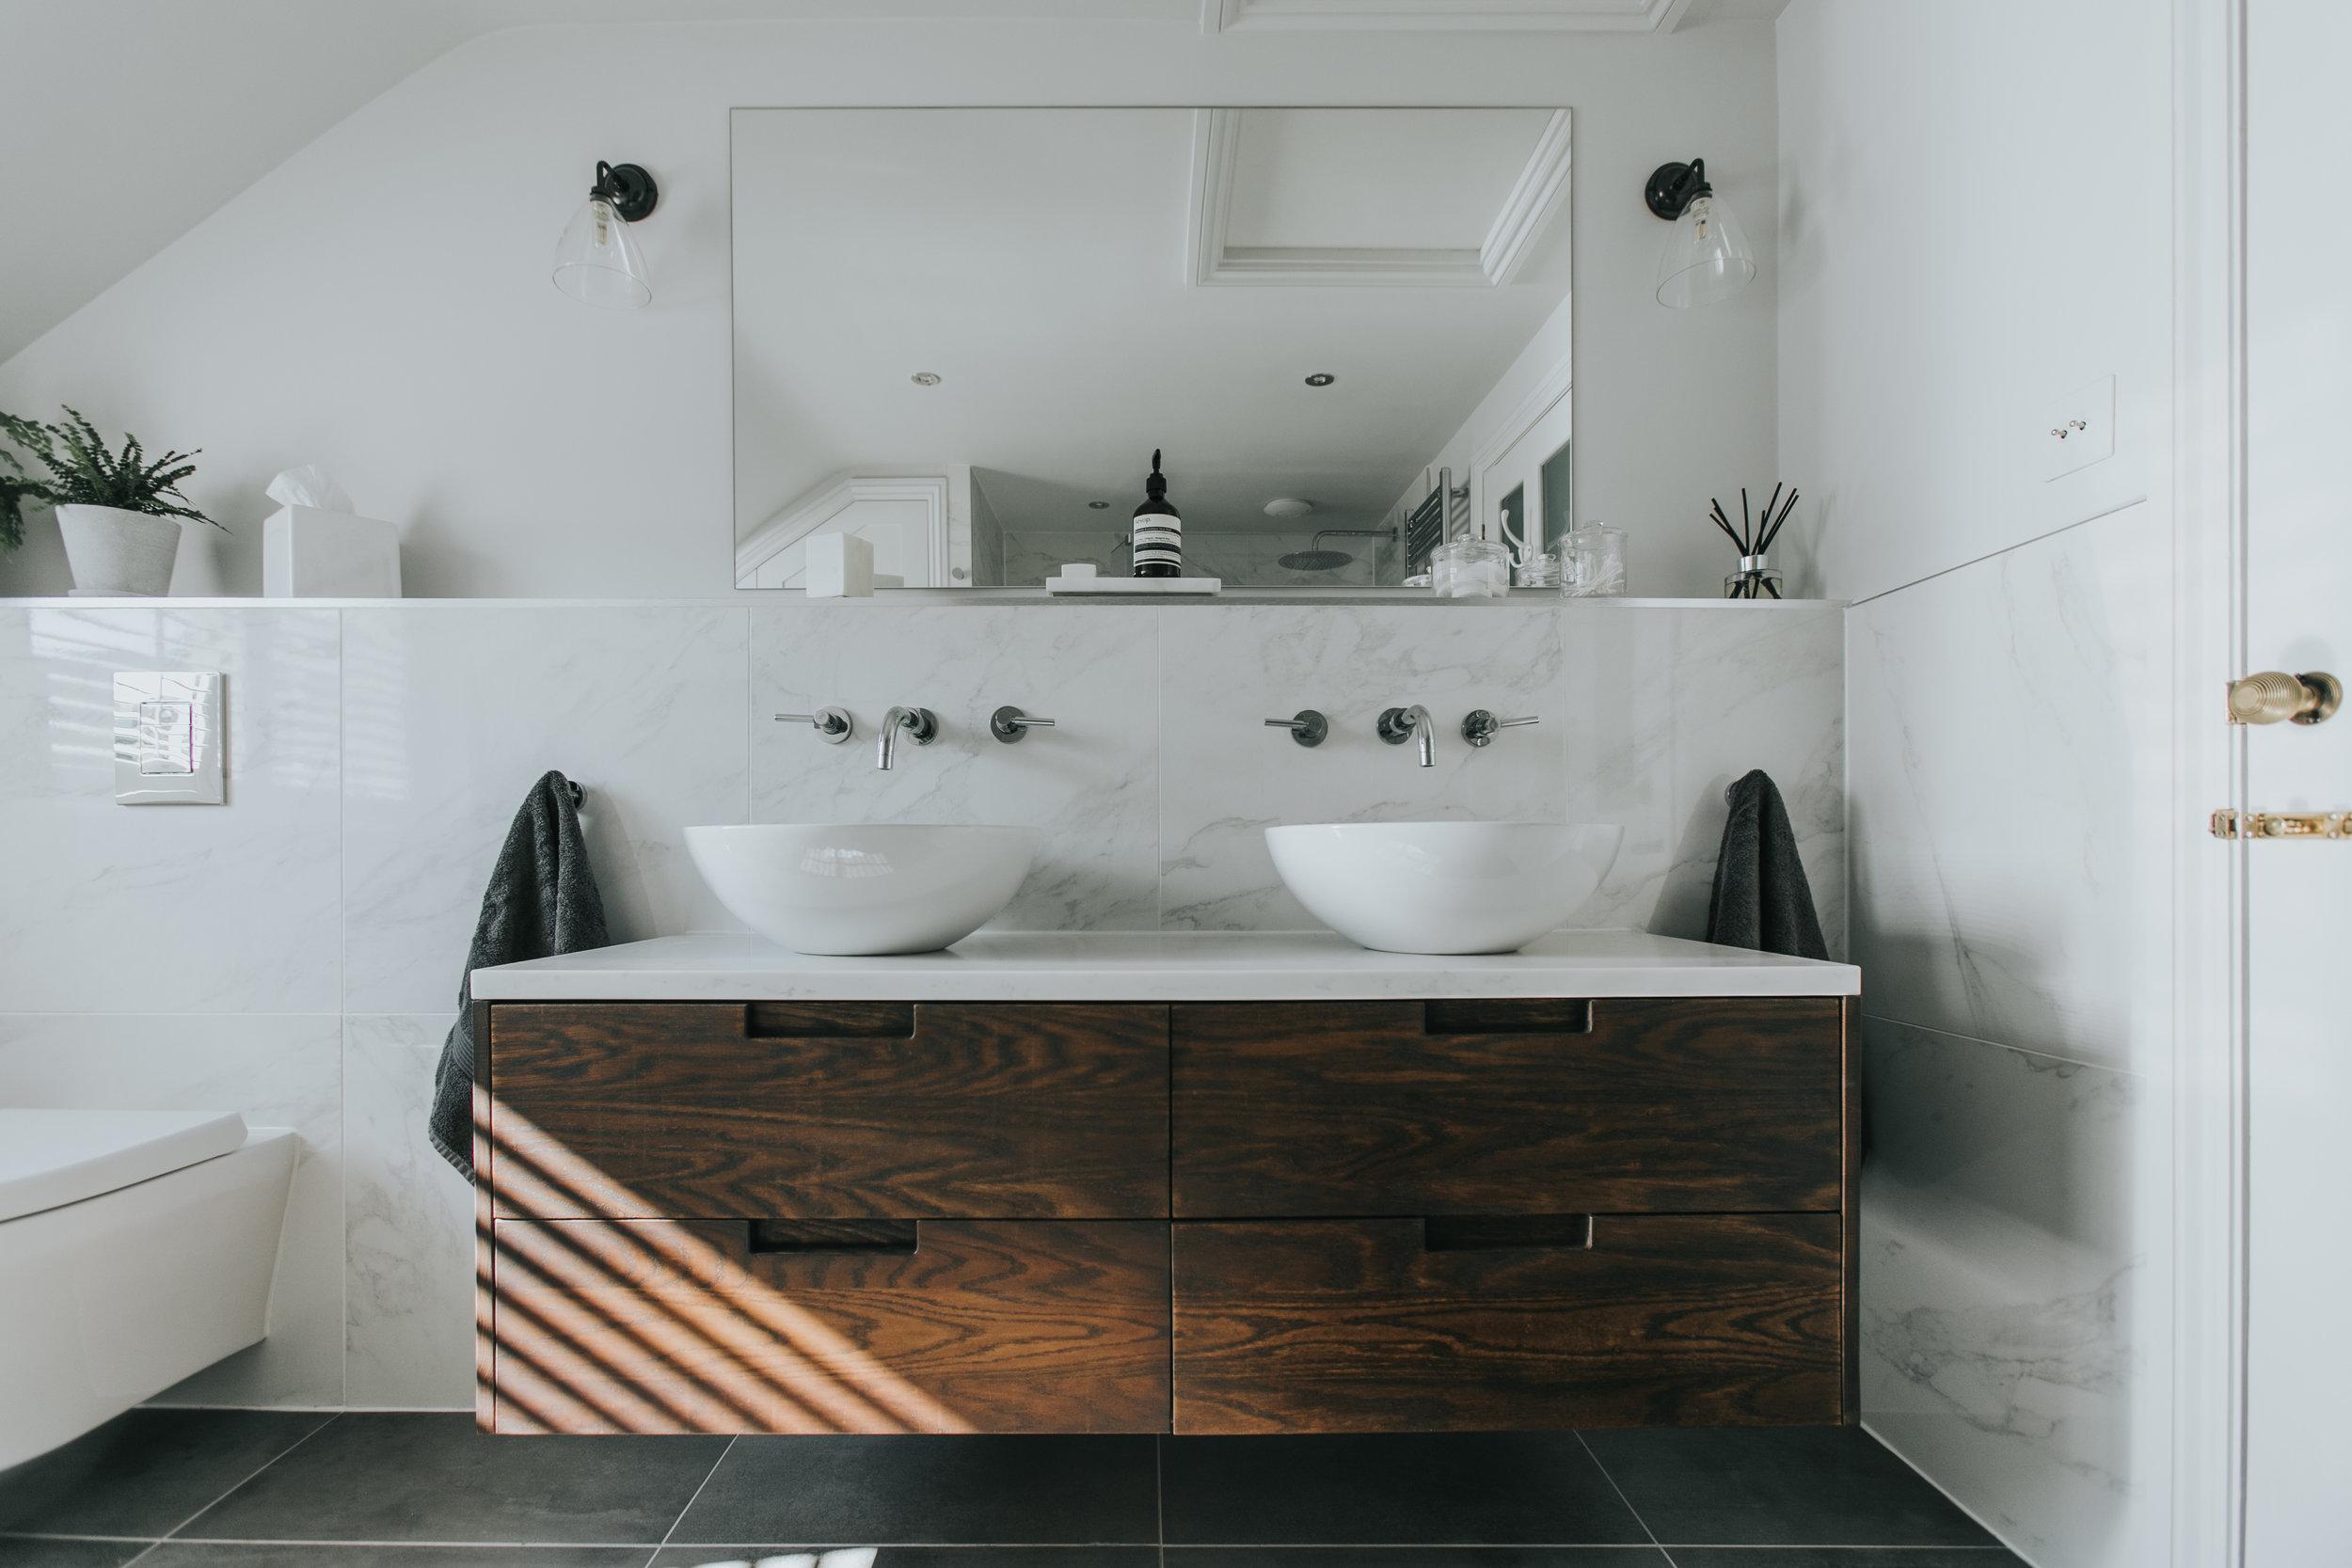 Contemporary Bathroom hlinteriors.co.uk6B2A0501.jpg